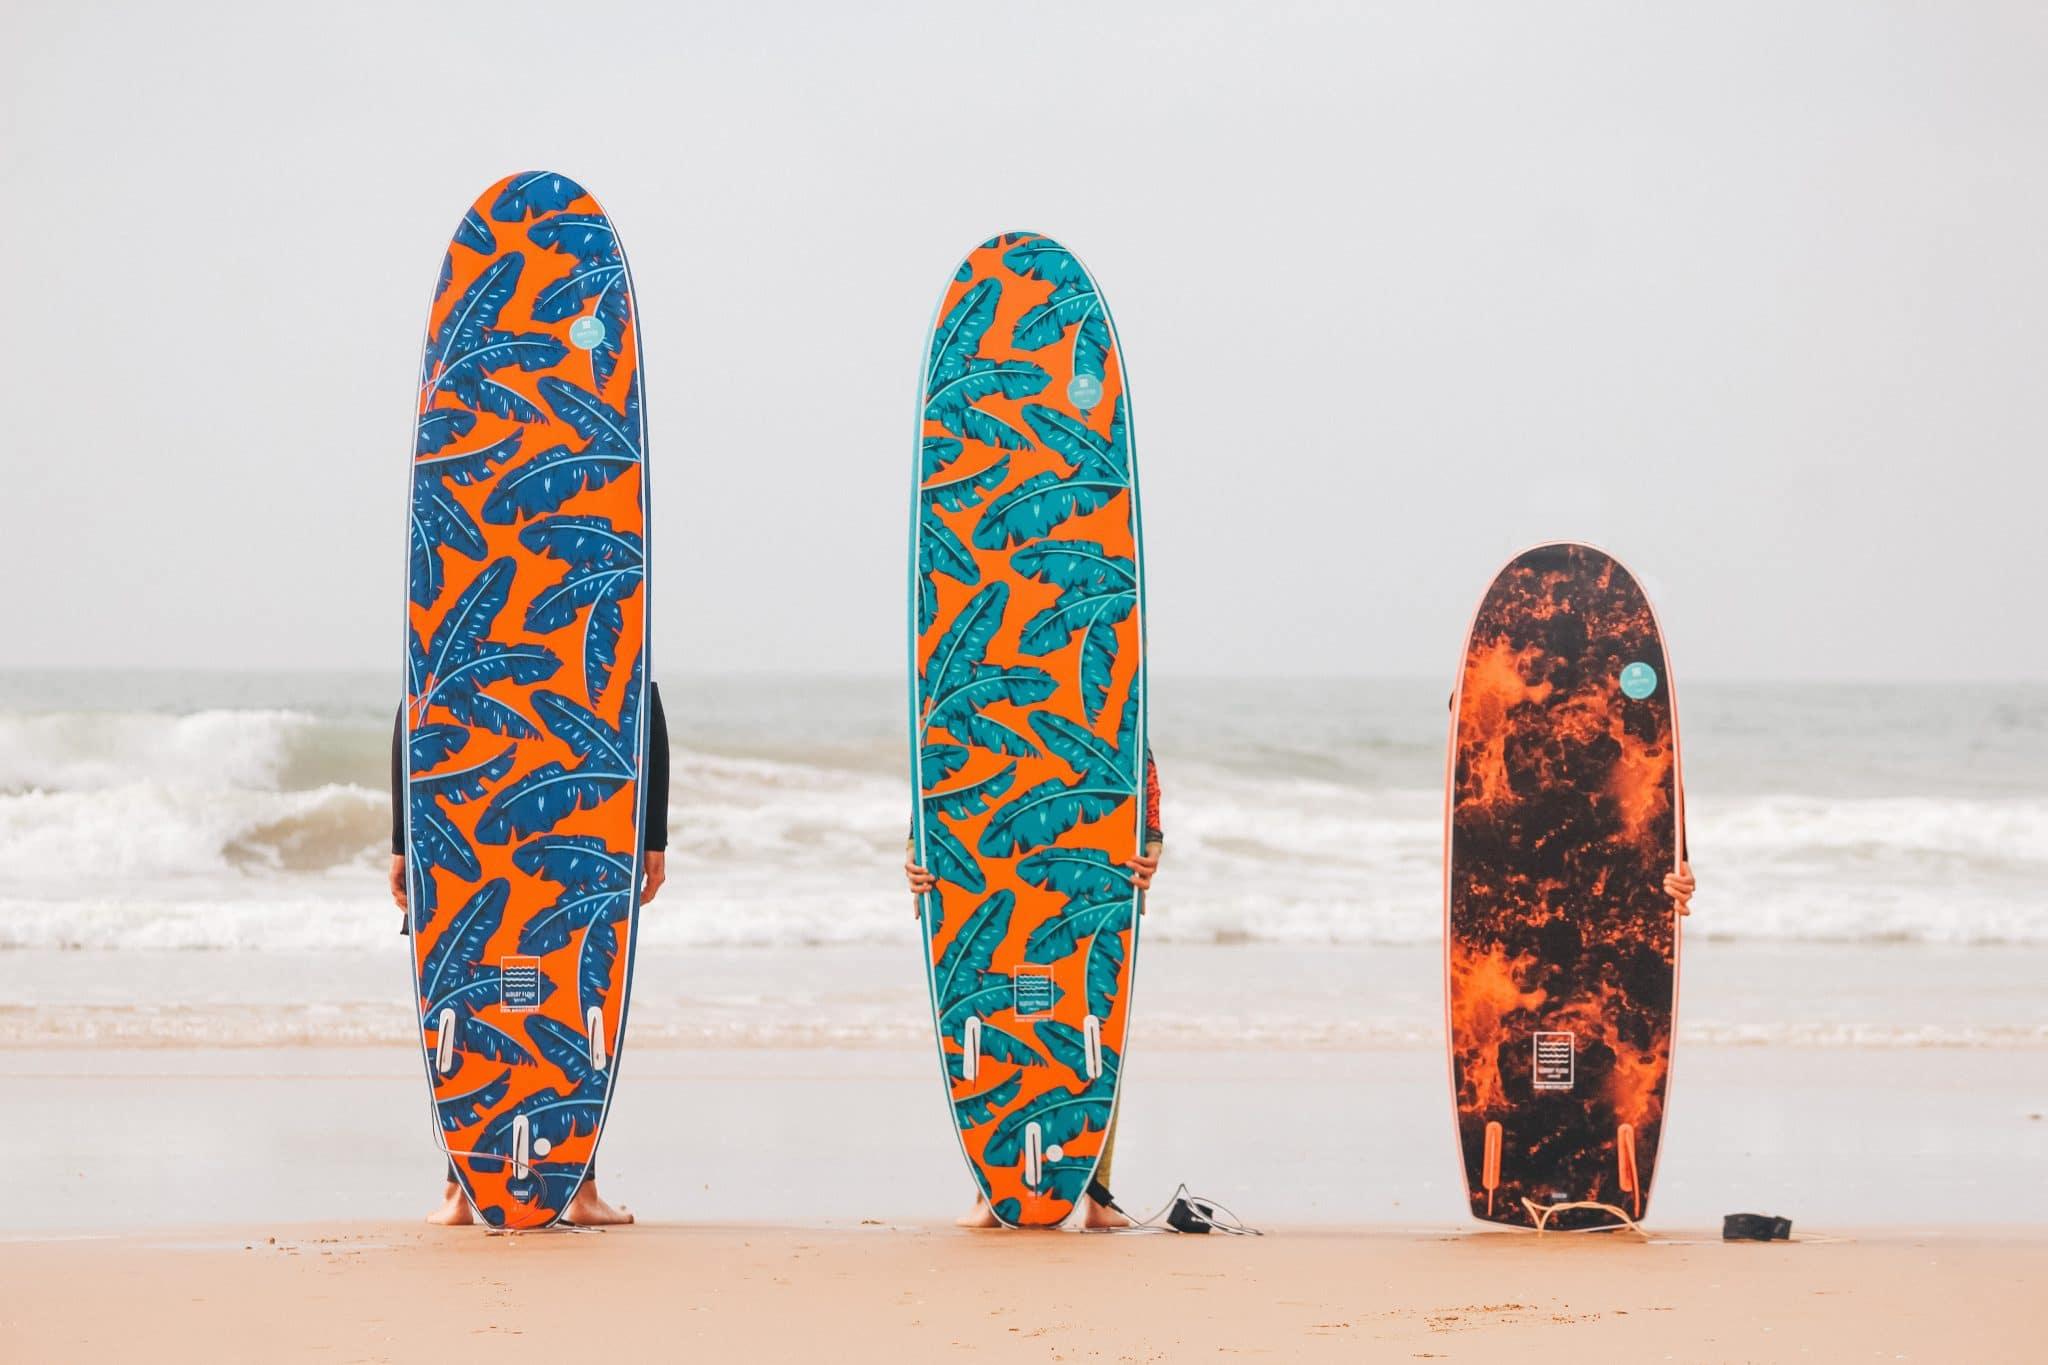 Surf Praia da Rocha, Portimão